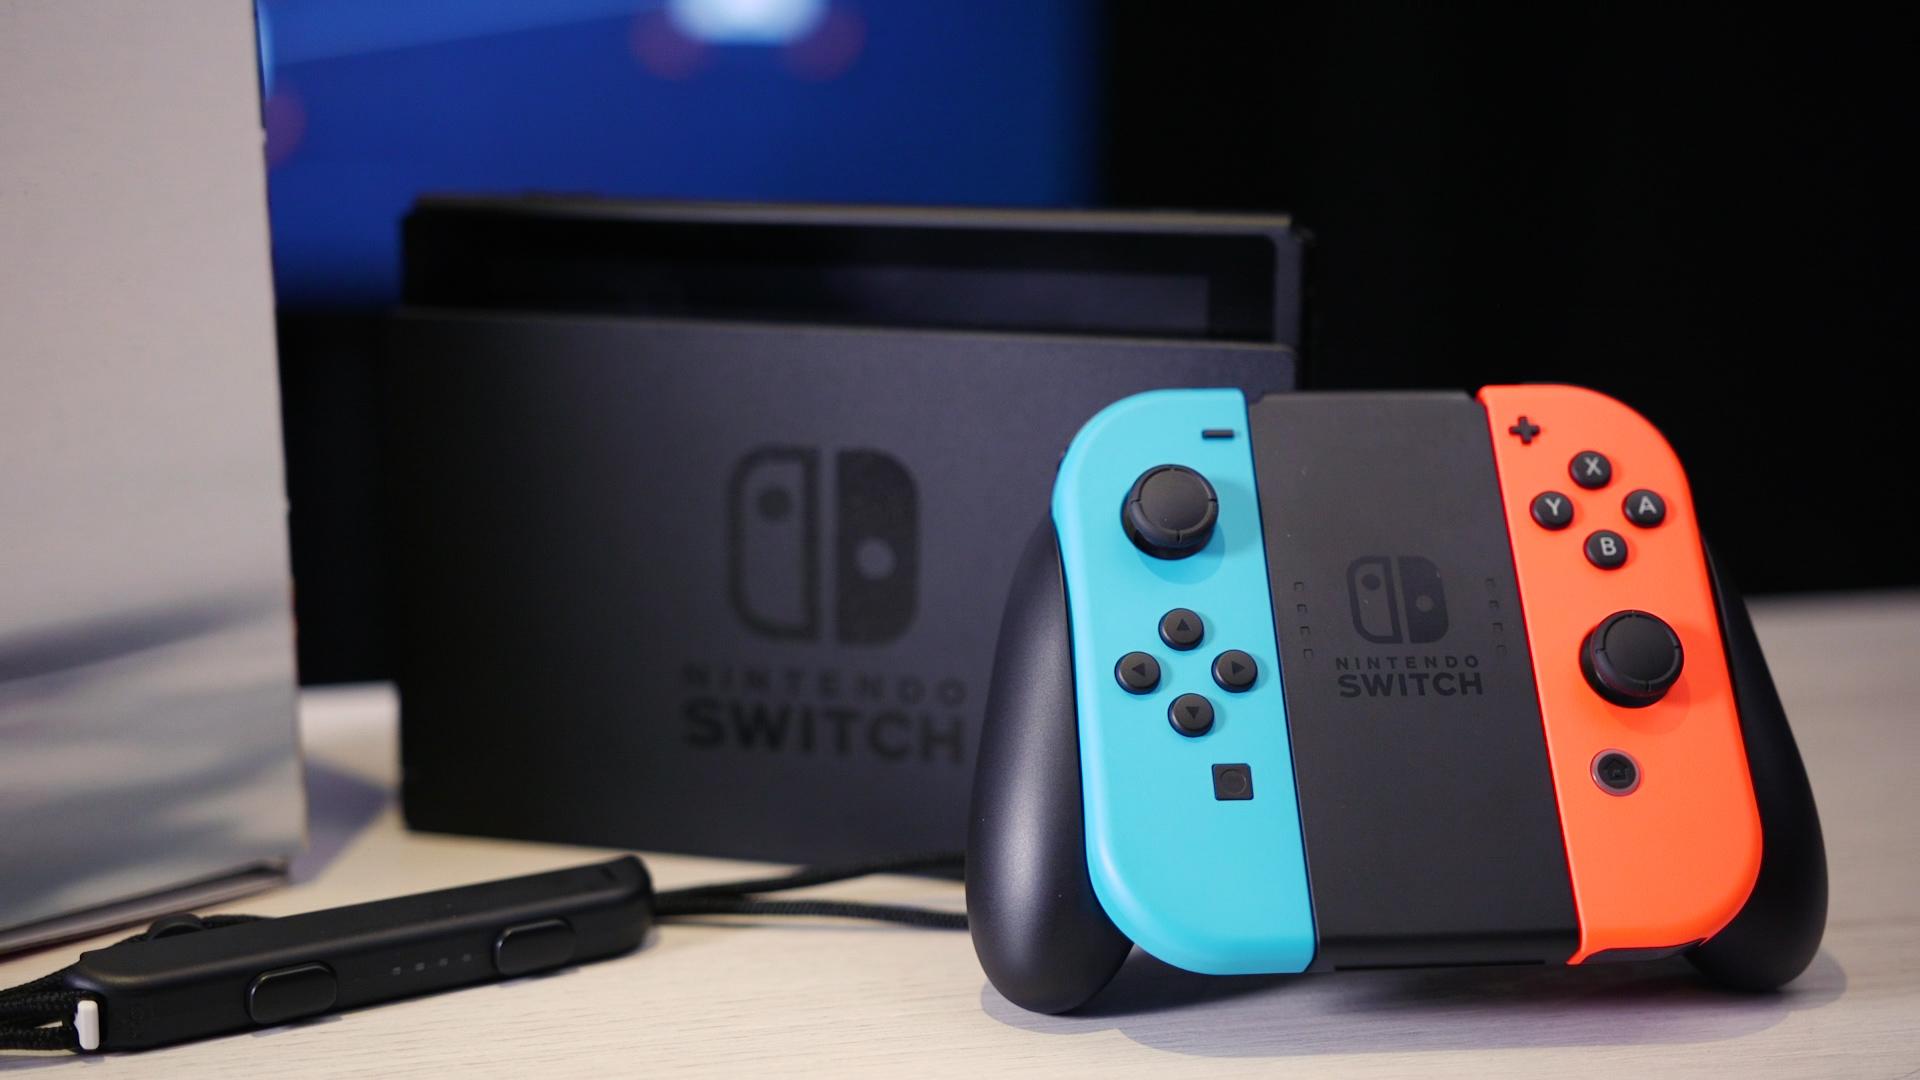 Nintendo Switch всего заодин год может превзойти все продажи Wii U